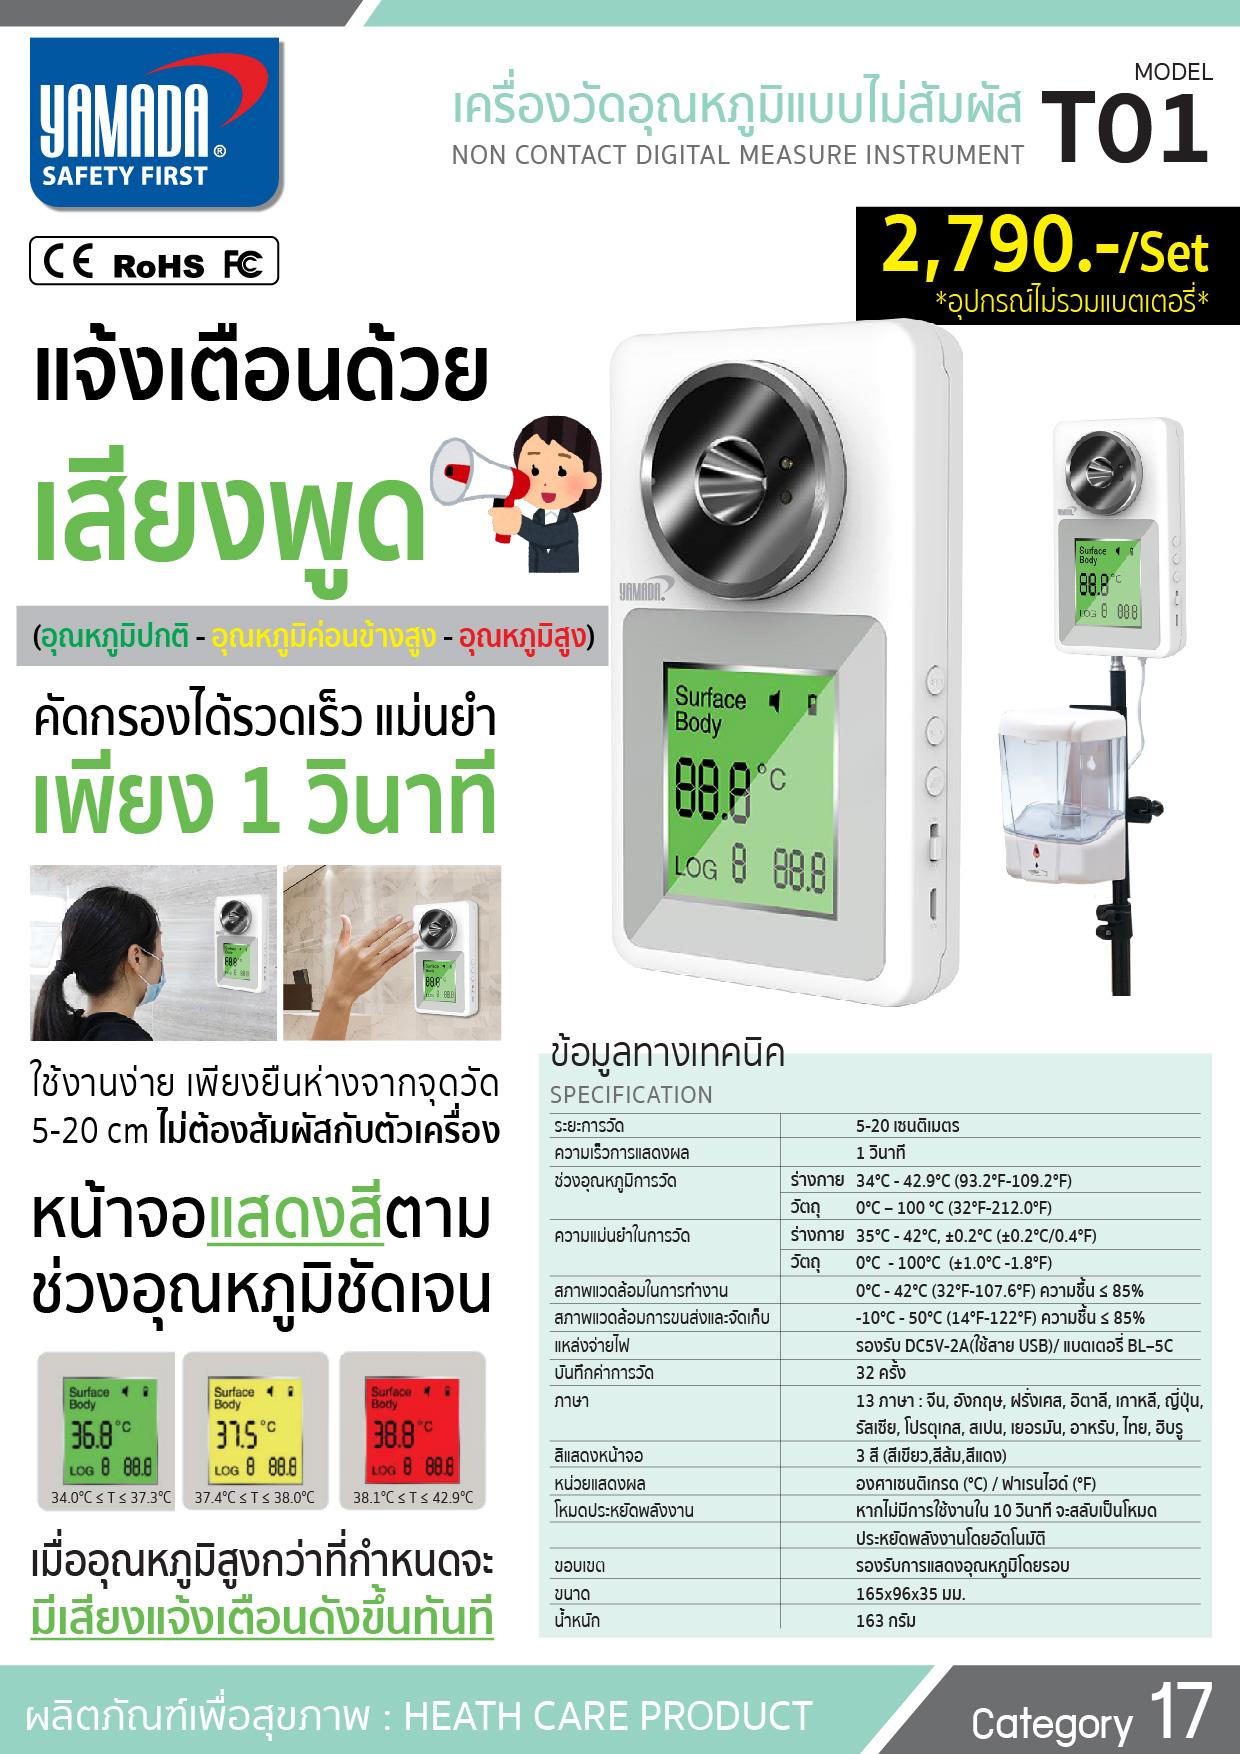 (1/4) เครื่องวัดอุณหภูมิแบบไม่สัมผัส T01